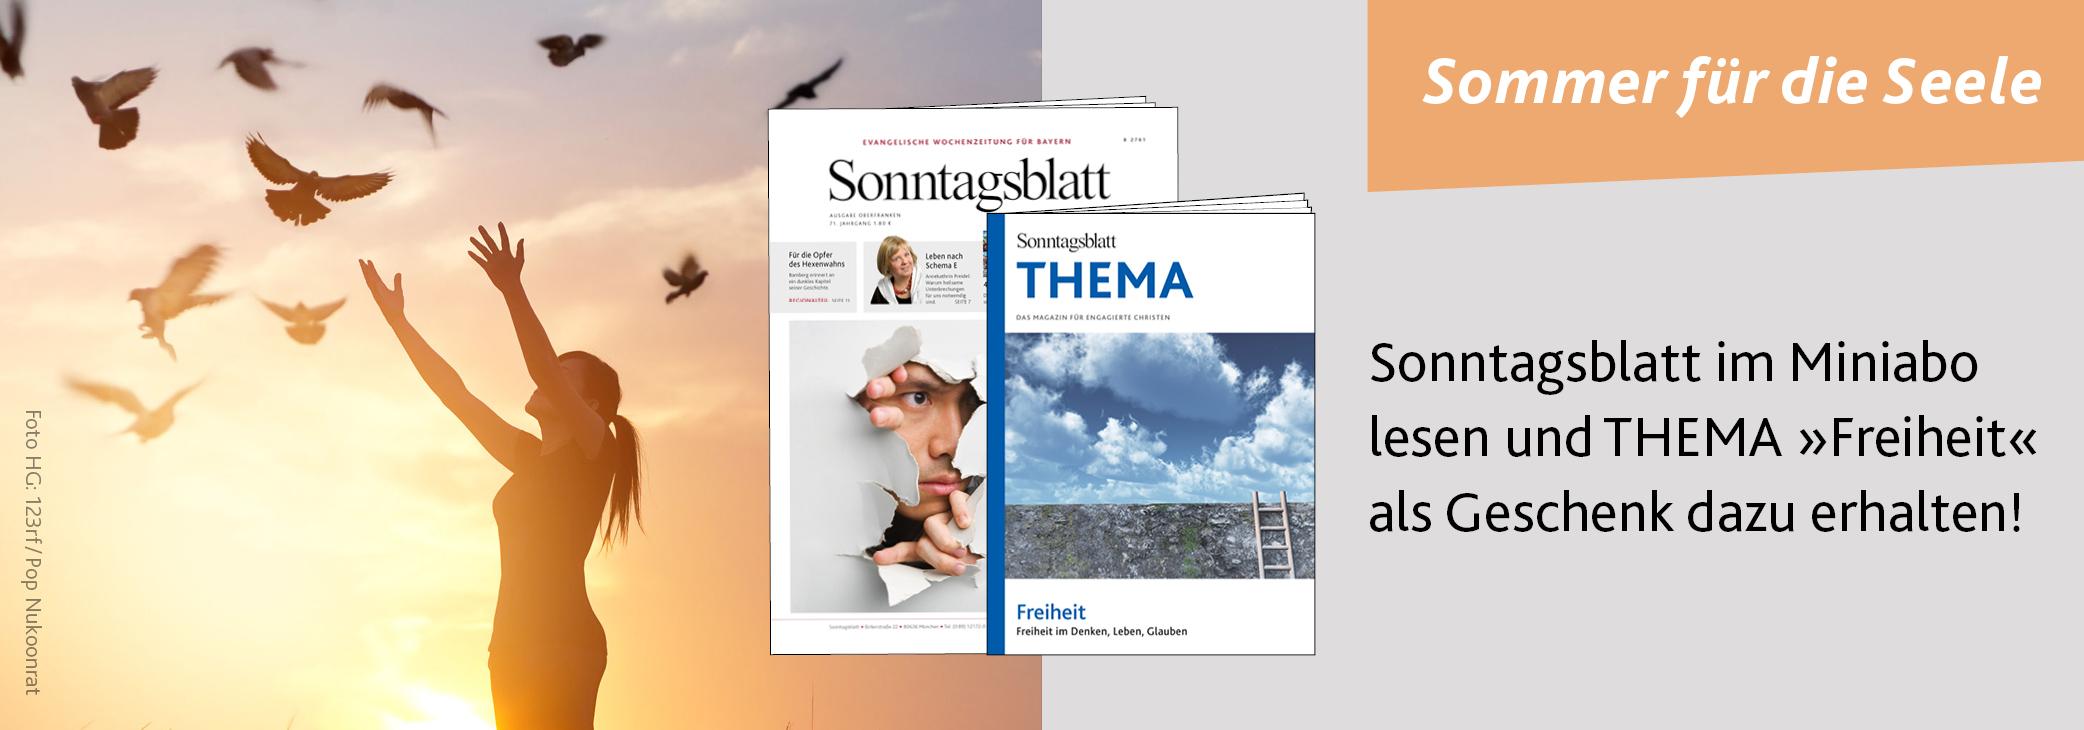 Sommer für die Seele - Miniabo Sonntagsblatt